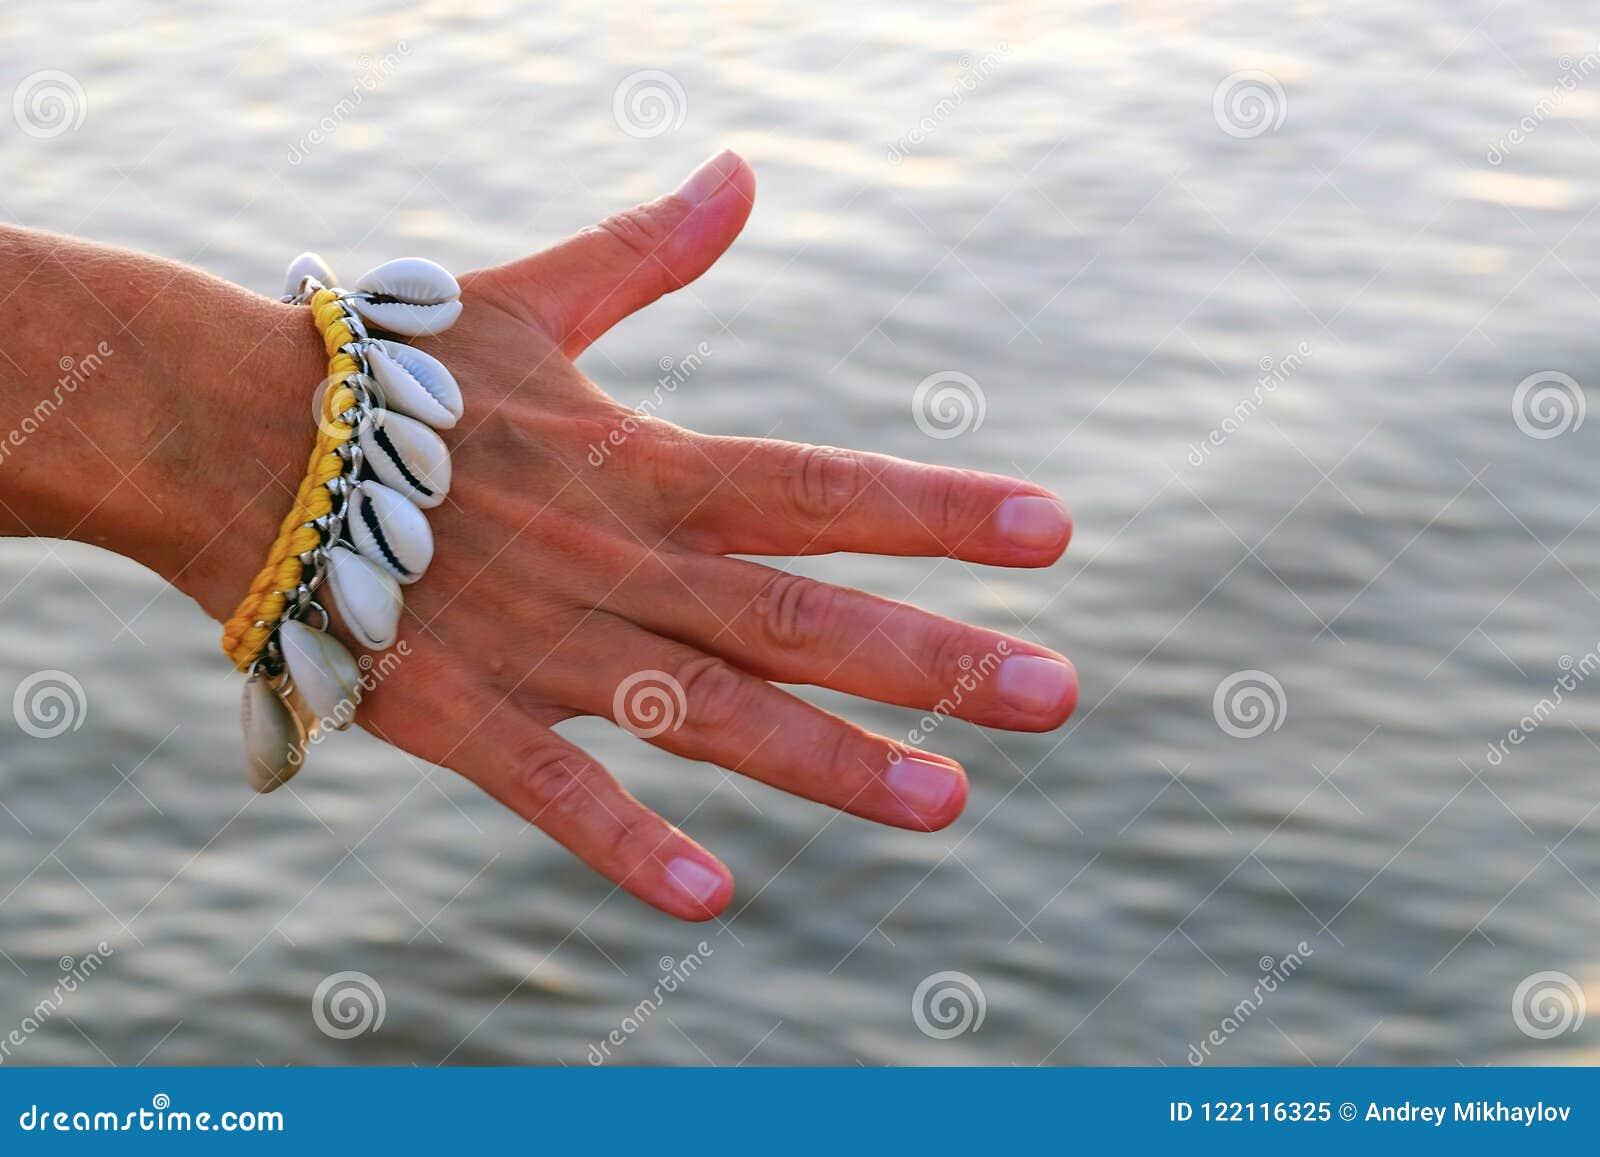 Close-up da mão de uma menina delicada com um bracelete feito das conchas do mar no fundo da água